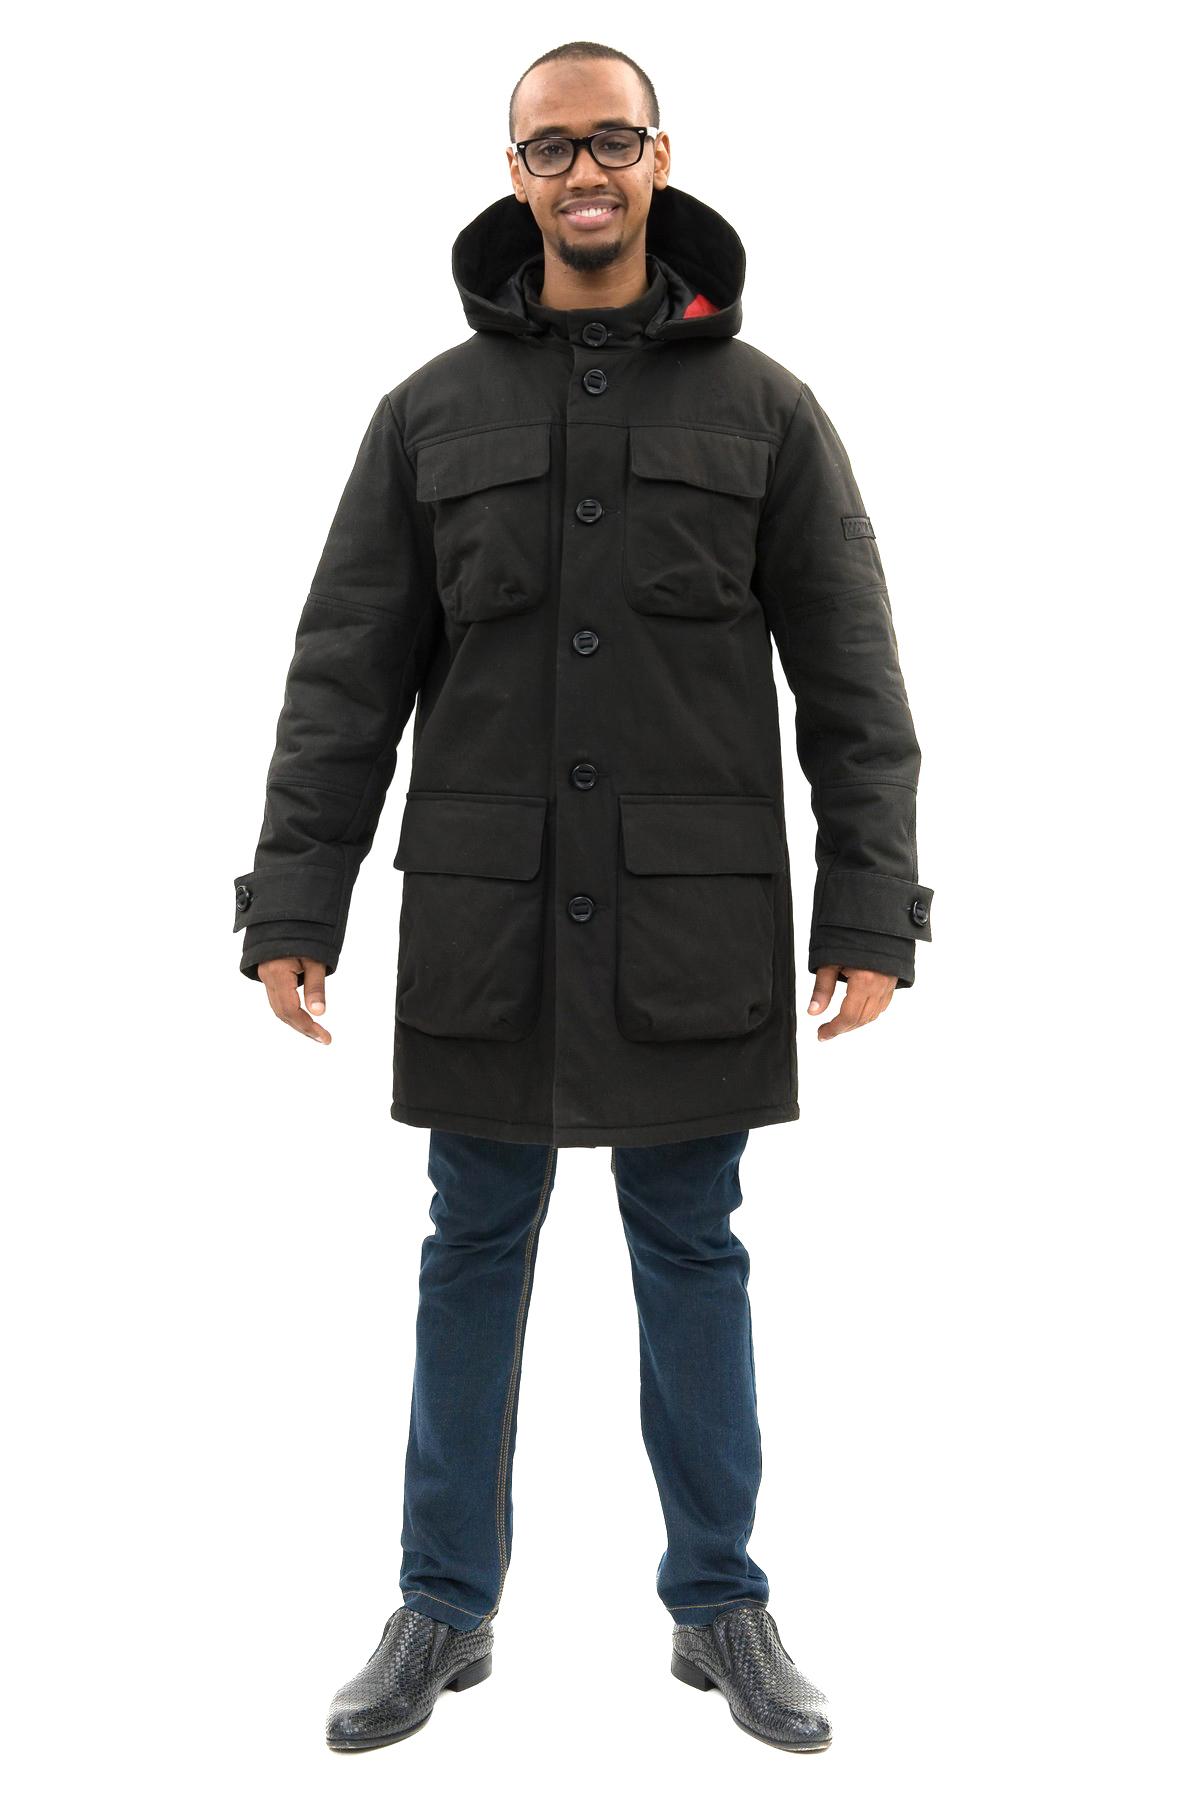 ПальтоЗимние мужские куртки, пуховики<br>Прекрасное мужское пальто прямого силуэта. Модель с капюшоном и центральной застежкой на пуговицы. Изделие дополнено функциональными карманами. Отличный повседневный вариант.Утеплитель синтепон 200 гр./кв.м<br><br>Цвет: черный<br>Состав: 100%хлопок, утеплитель - синтепон 200 гр., подкладка - 100%полиэстер<br>Размер: 48,50,52,54<br>Страна дизайна: Россия<br>Страна производства: Россия